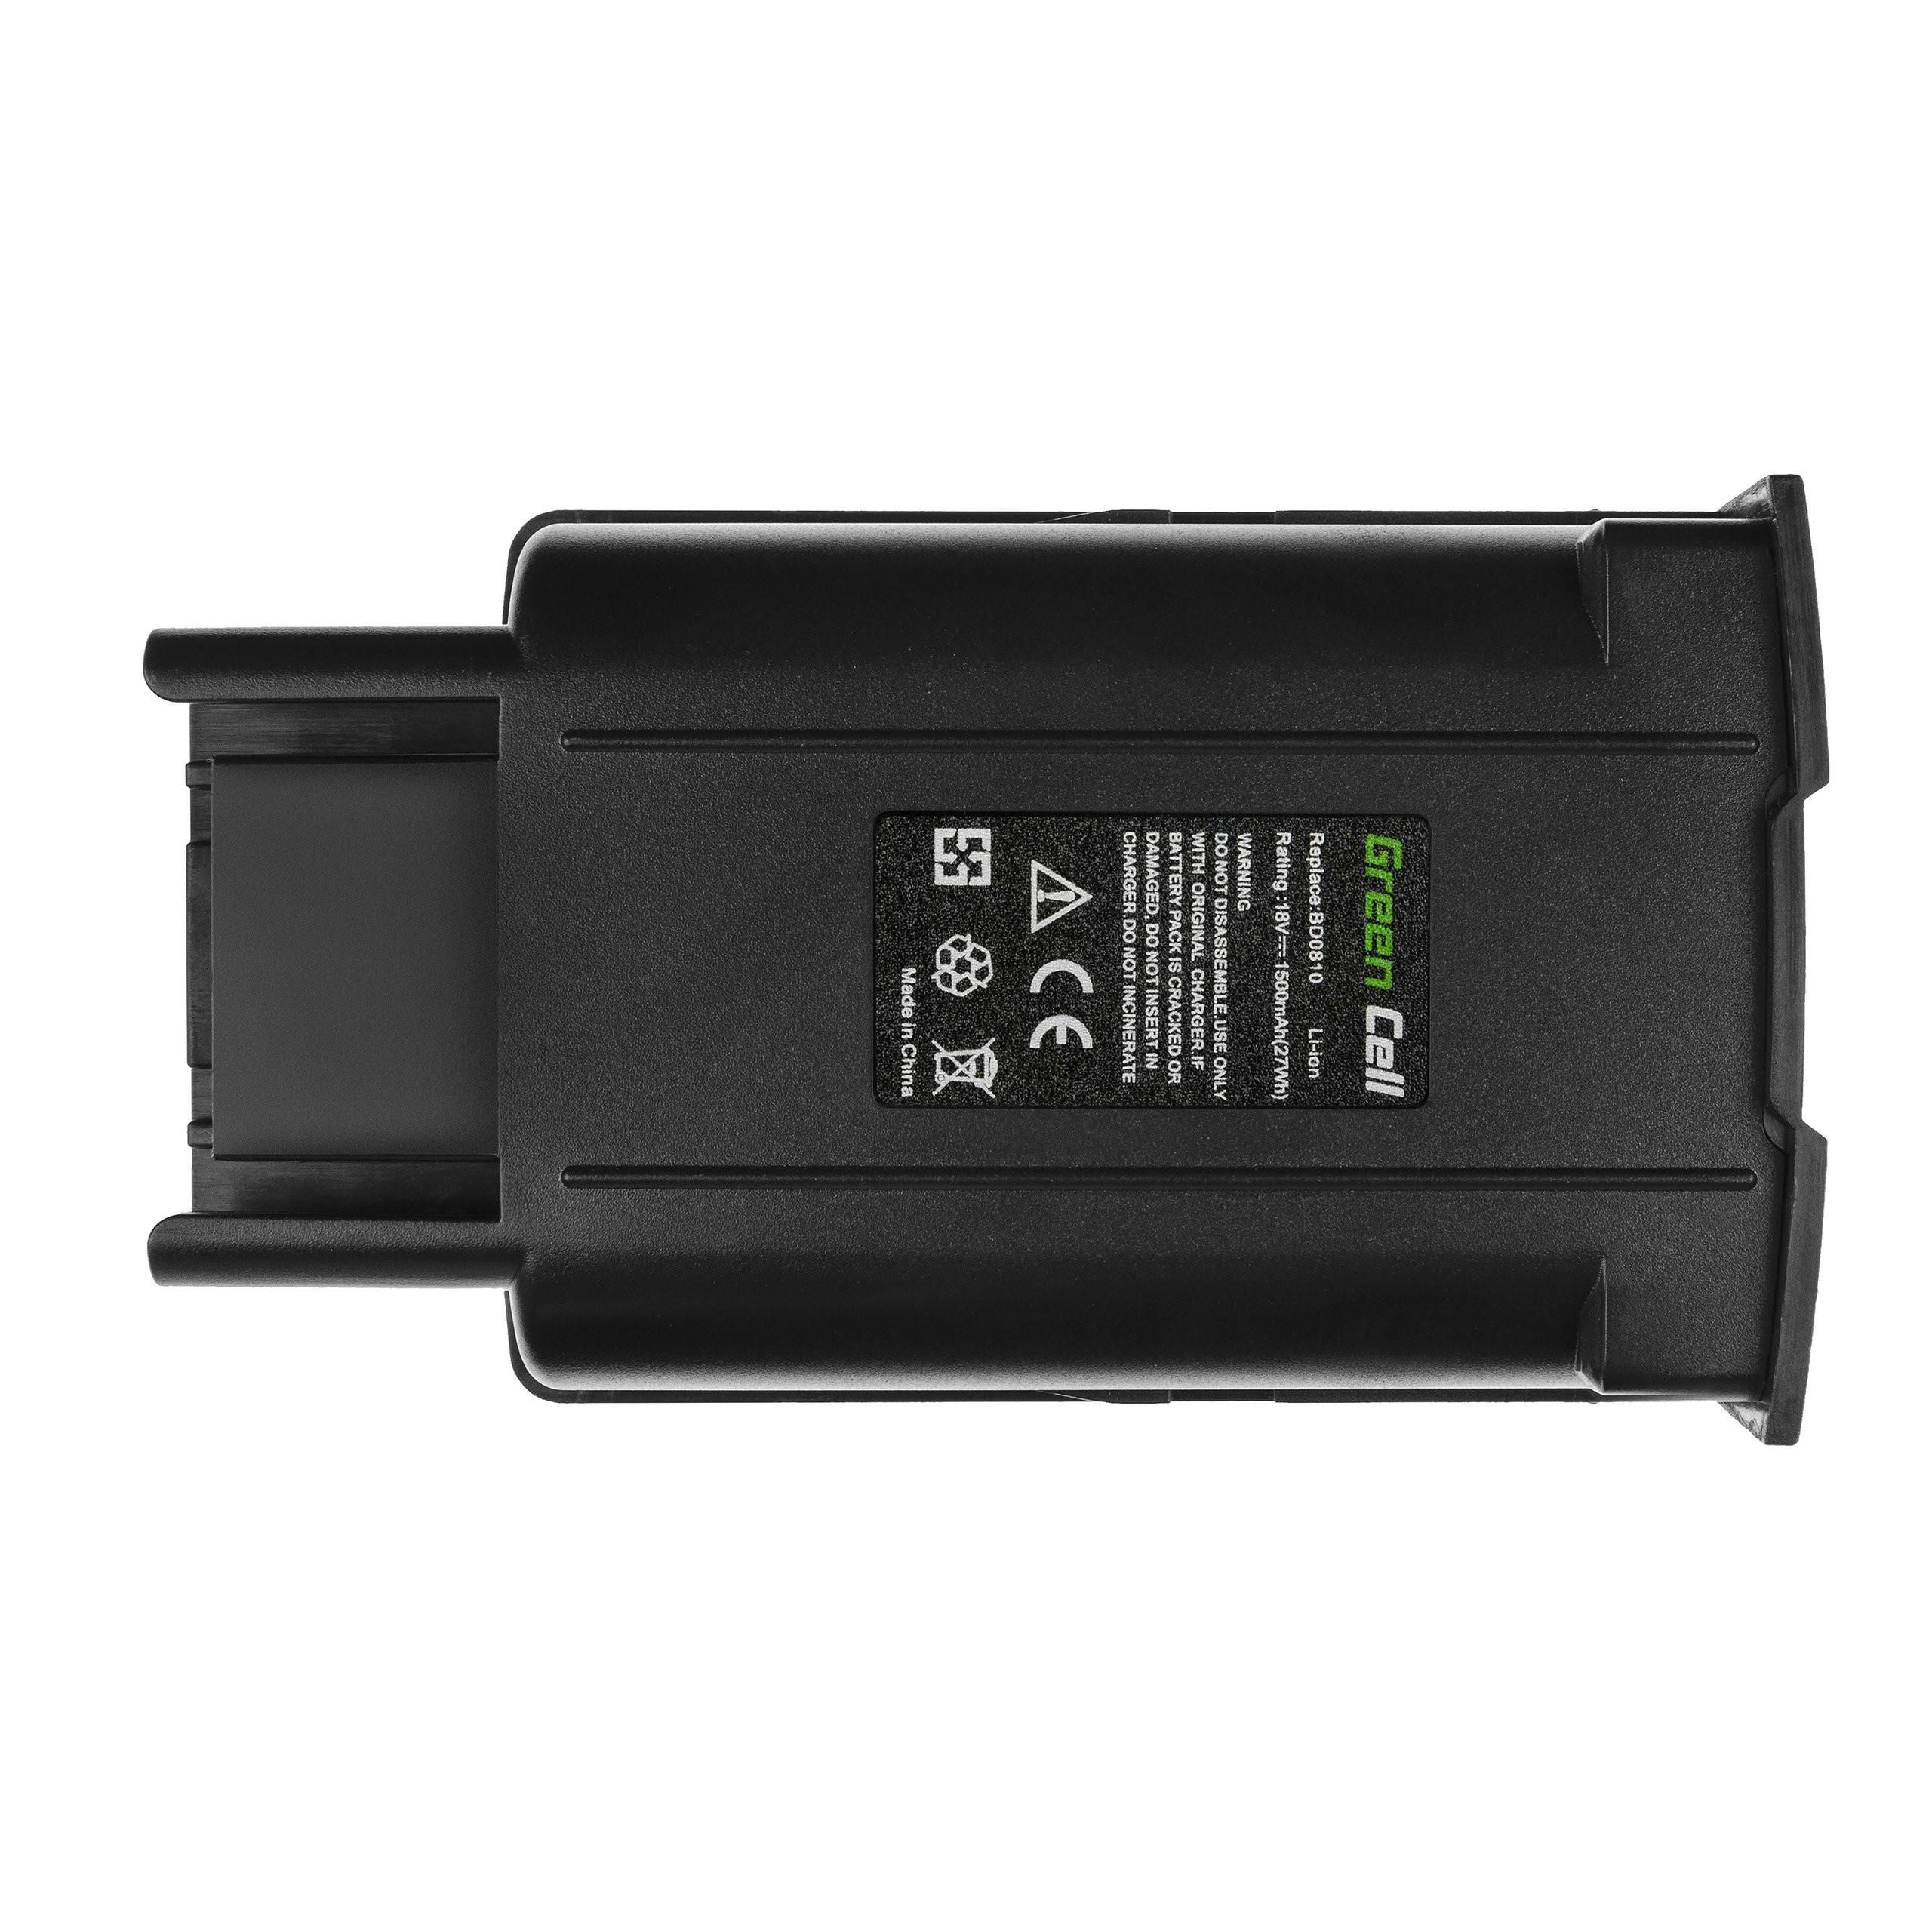 Baterie Green Cell Karcher KM 35/5 C 18V 1500mAh Li-ion - neoriginální